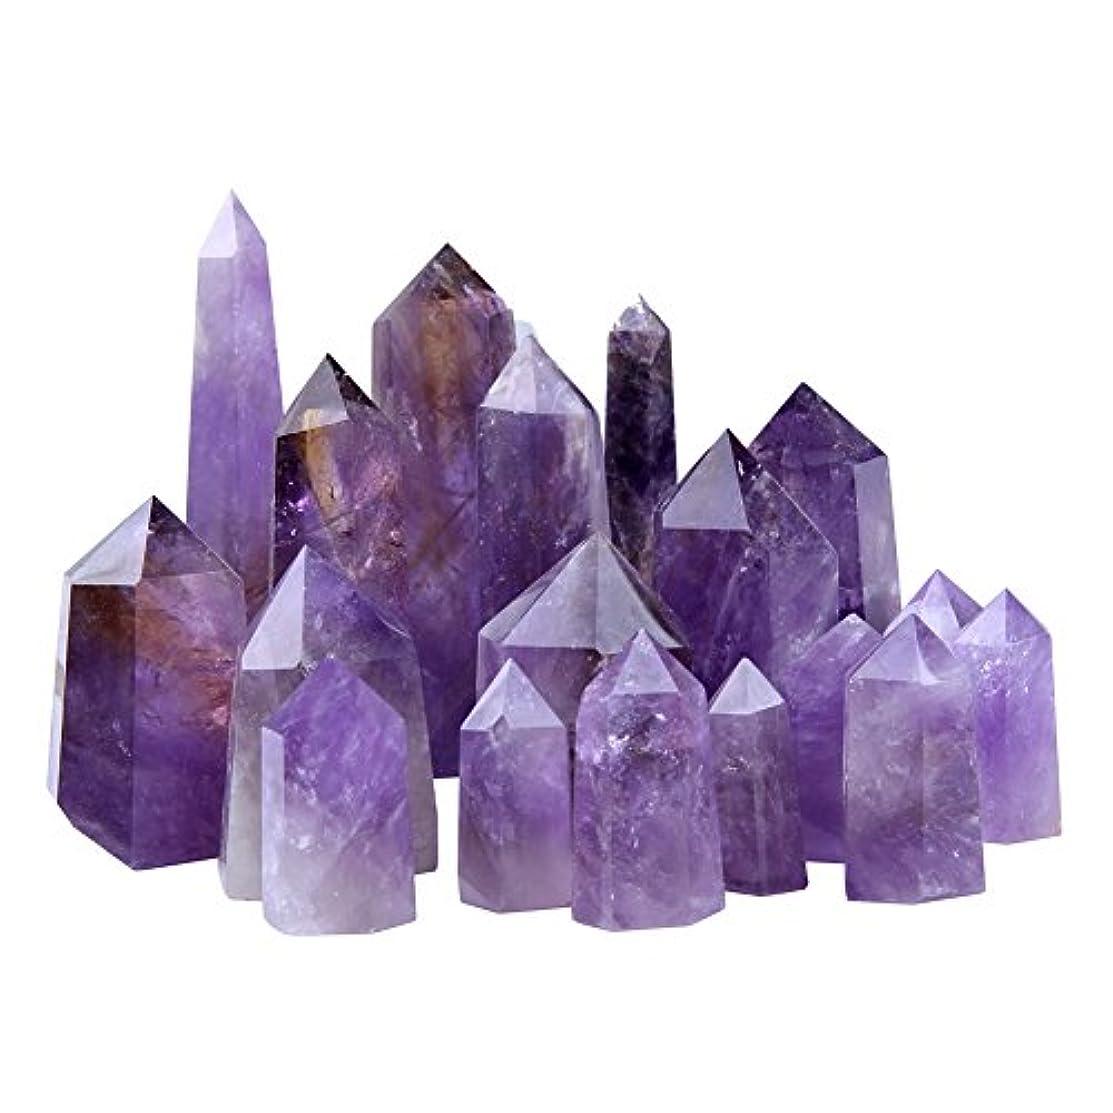 口ひげポール反対(Amethyst 2) - Natural Purple Crystal Point 6 Faceted Amethyst Wand, 0.5kg for Healing, Reiki, Grids, Figurine...